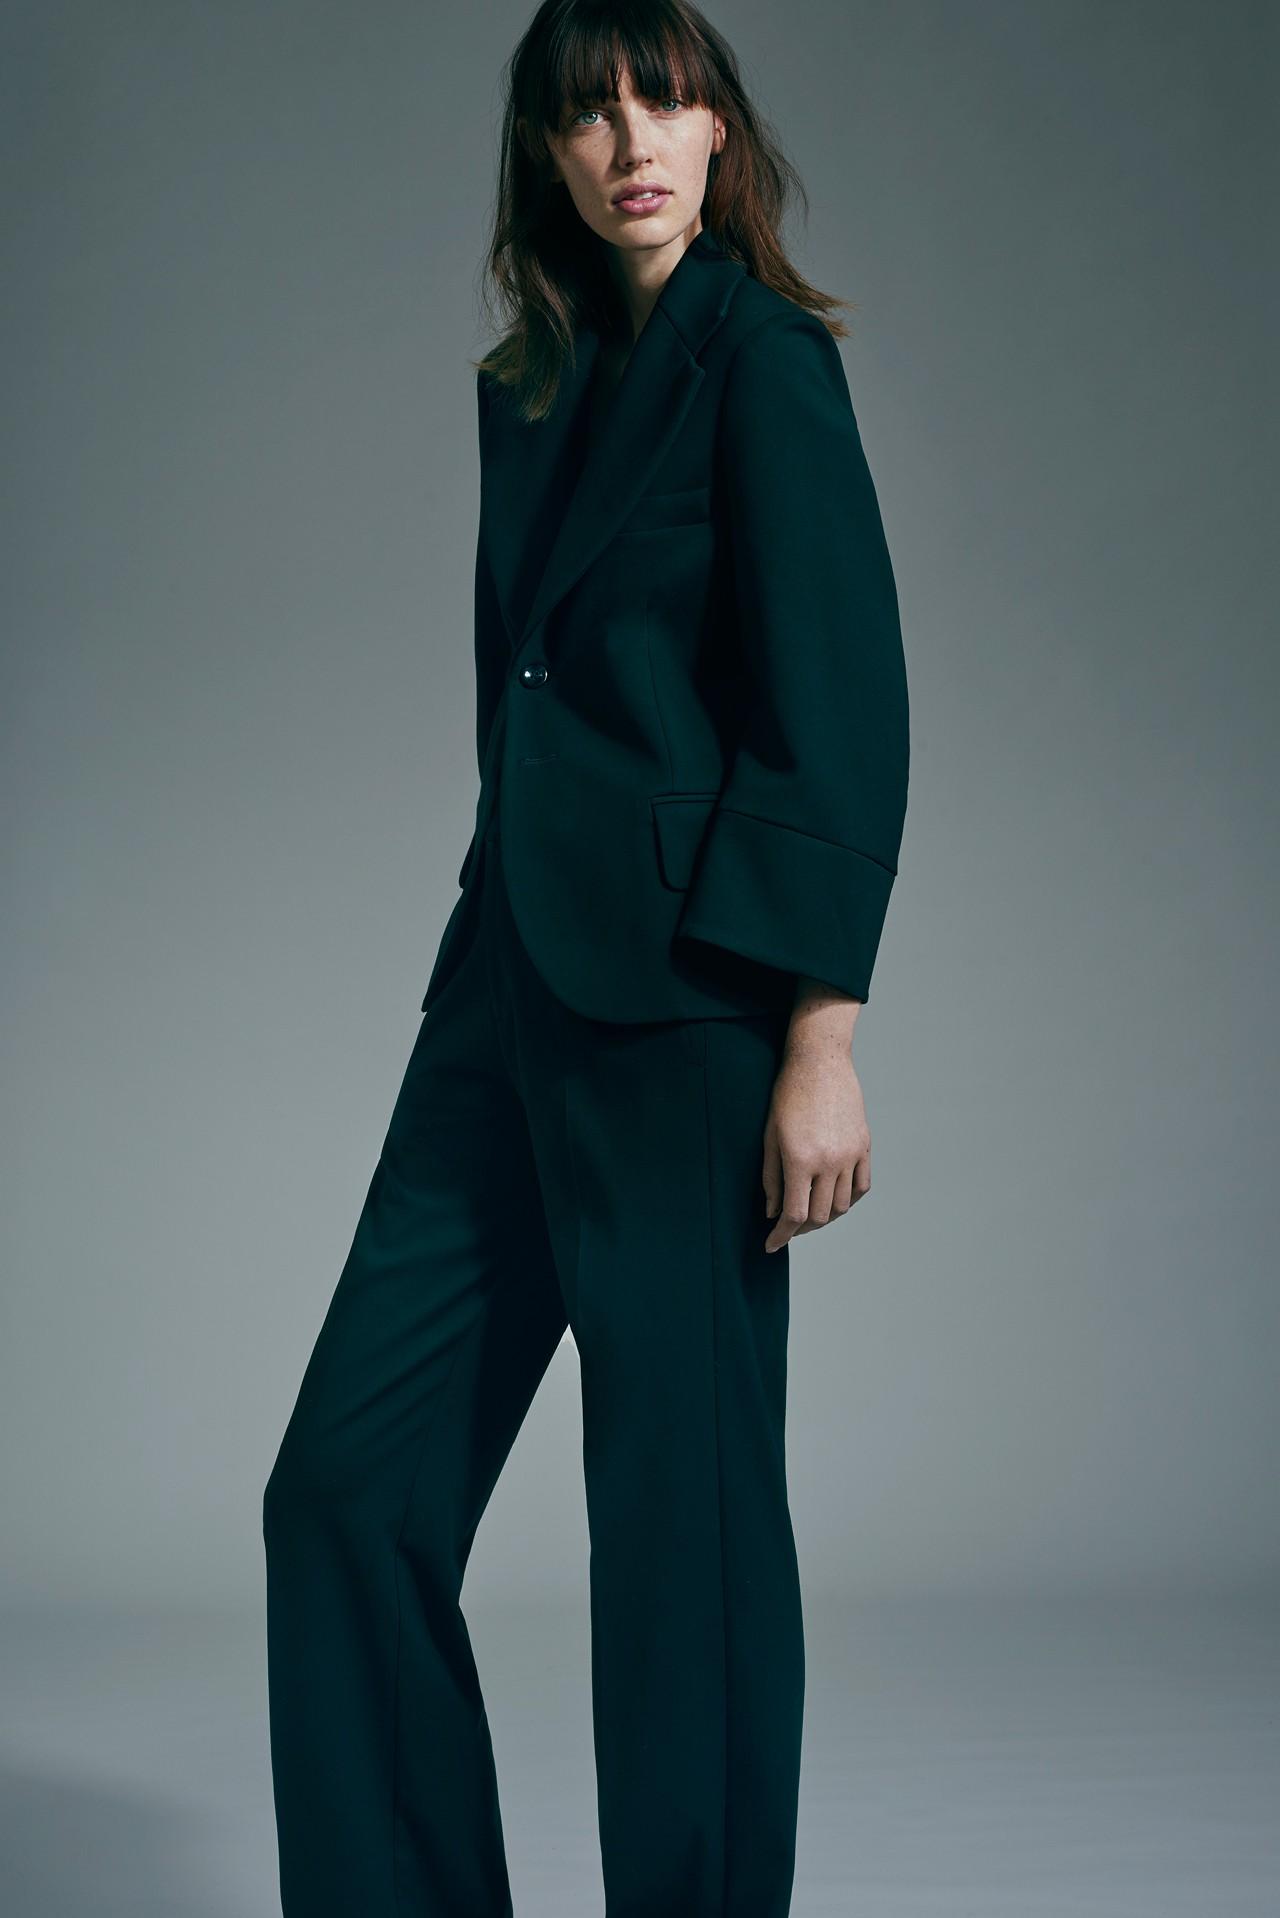 4cfe5c41b055 Australiska Bassike gör så grymt snygga kläder. Endast i ekologiska  material. De finns tyvärr inte i Sverige, och de är inte så  plånboksvänliga, ...